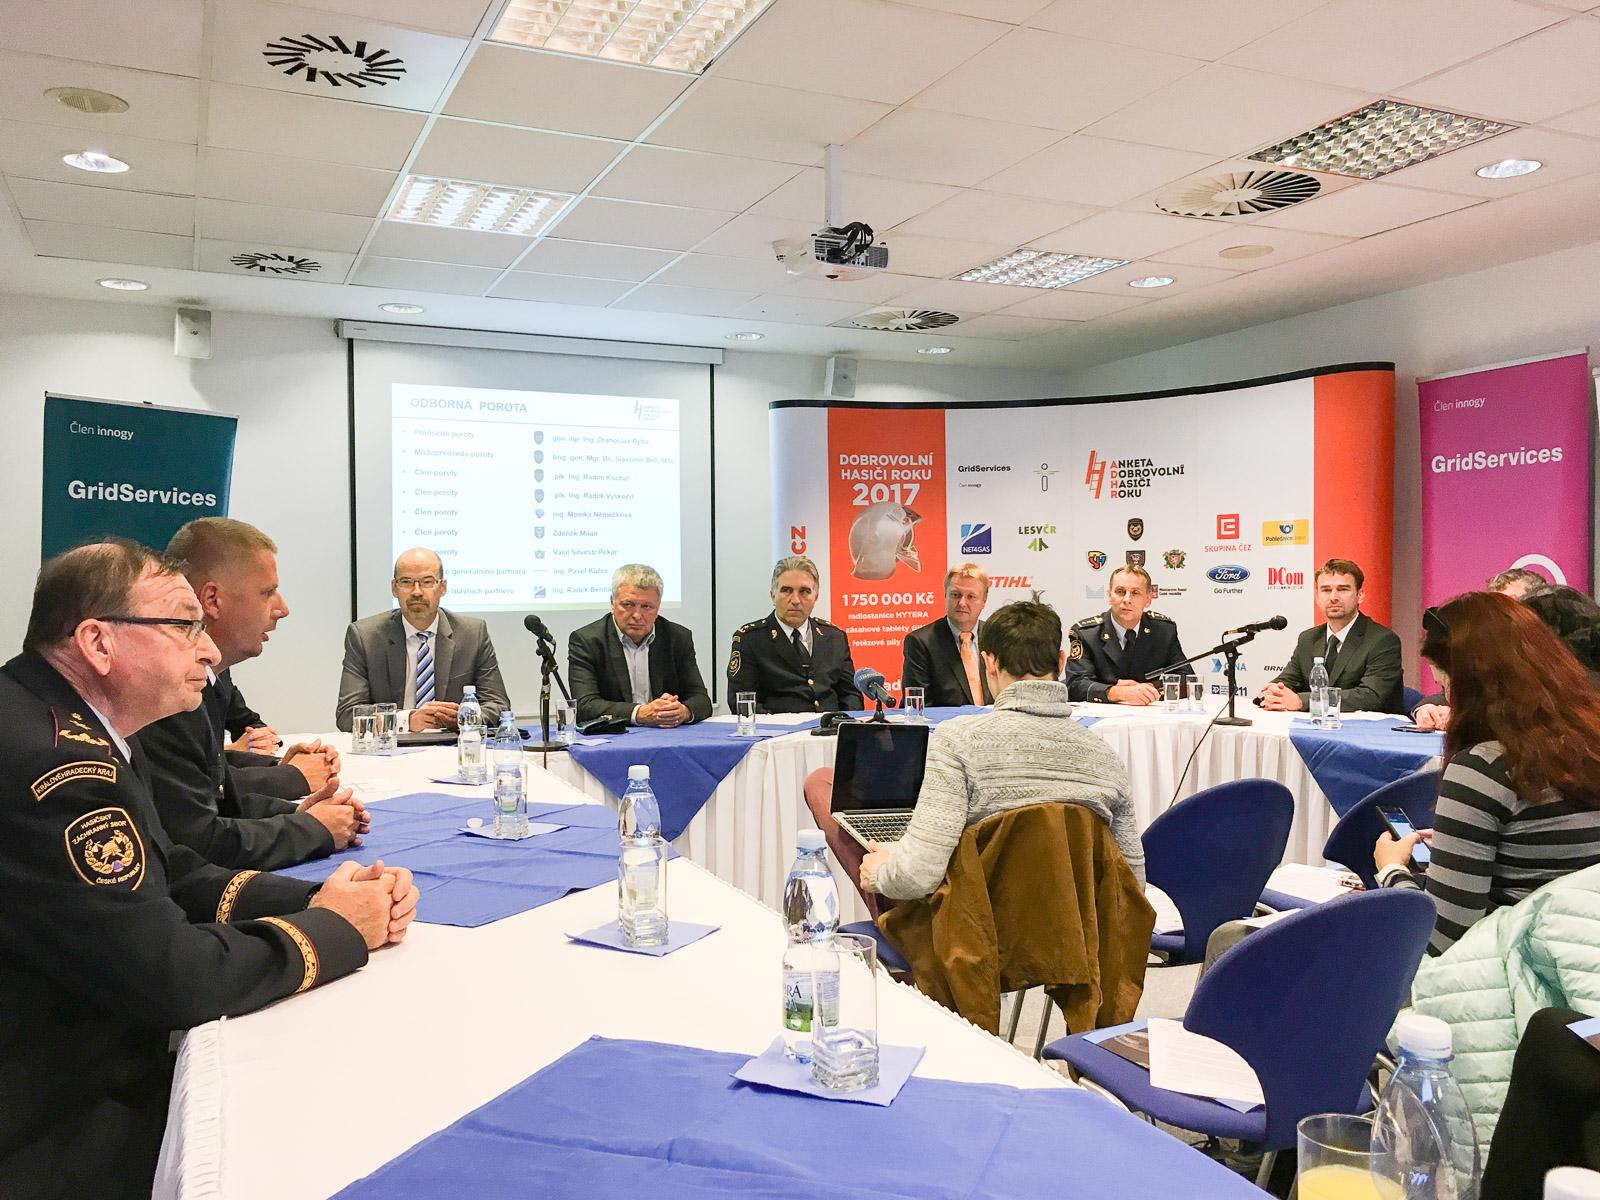 adhr-praha-tiskova-konference-09-15-2017--19